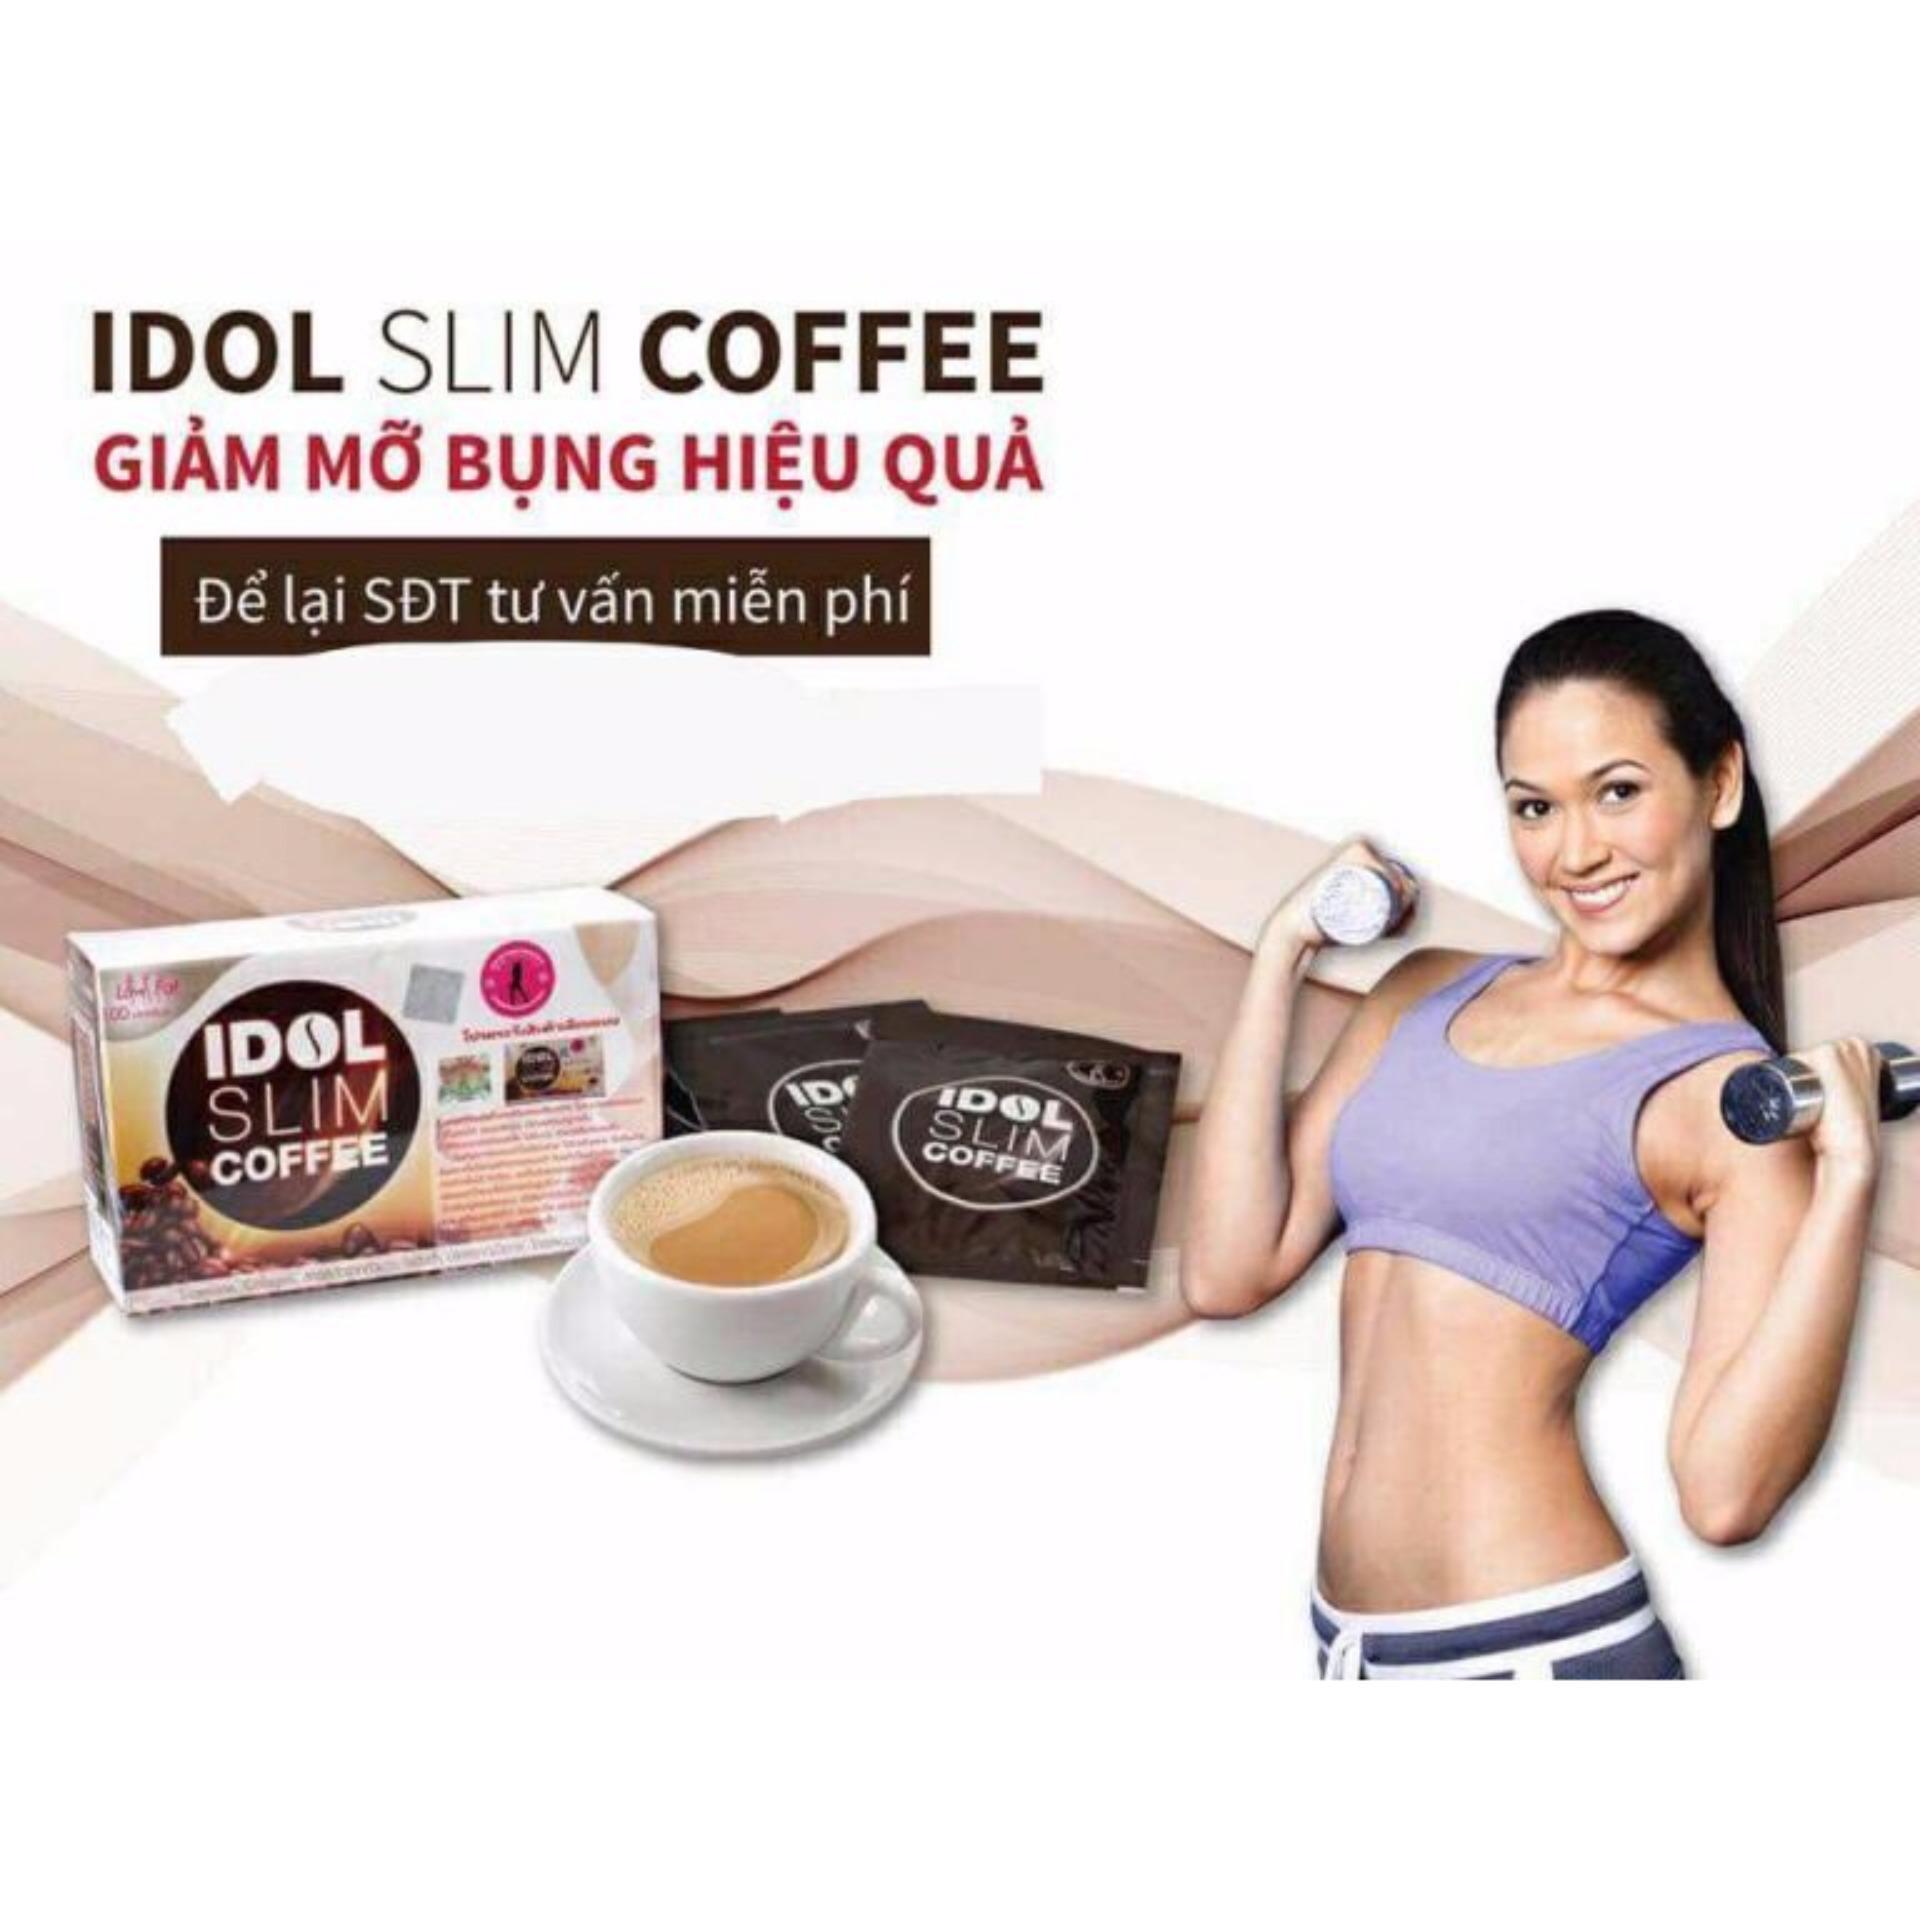 Cà Phê Giảm Cân Idol Slim Coffee - Thái Lan